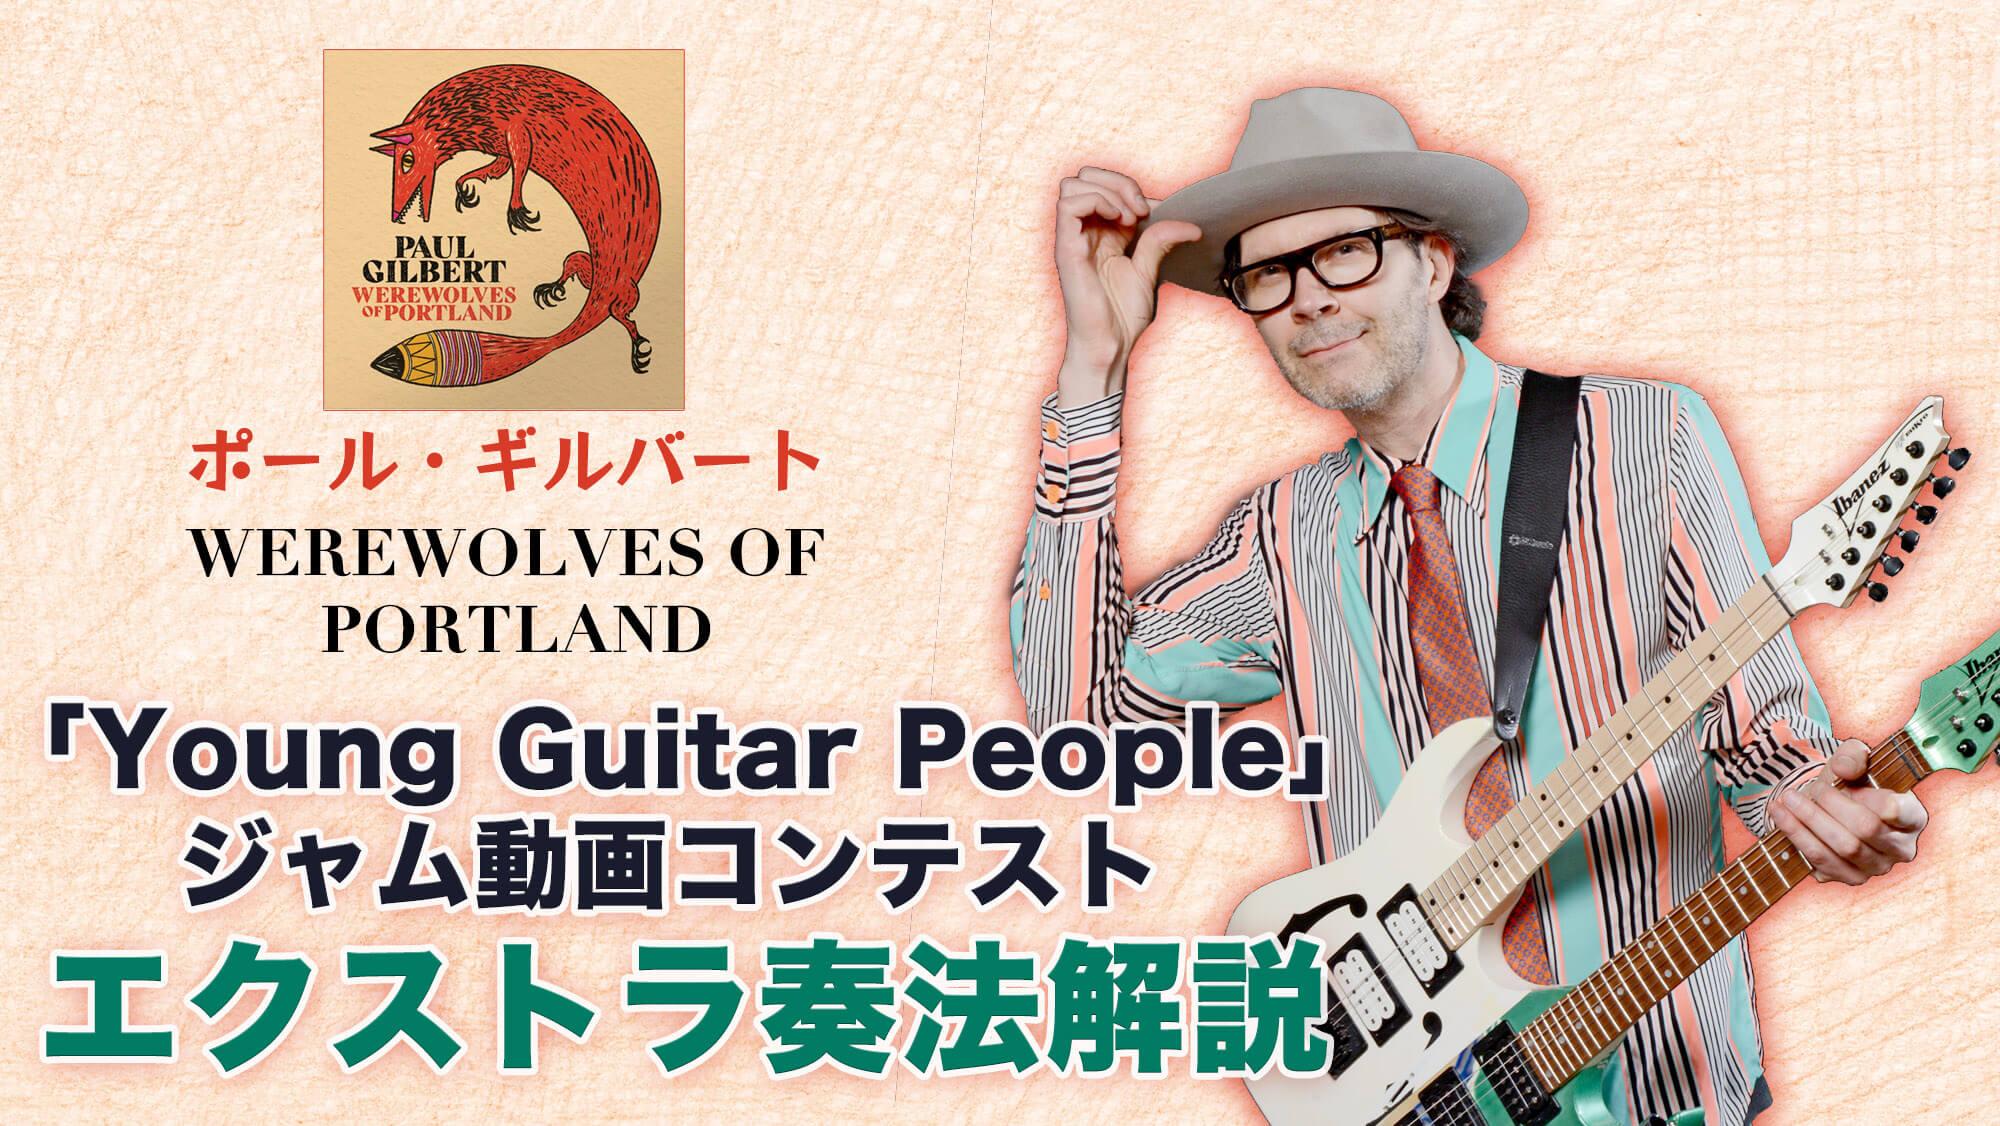 ポール・ギルバート「Young Guitar People」アドリブ奏法 エクストラ解説